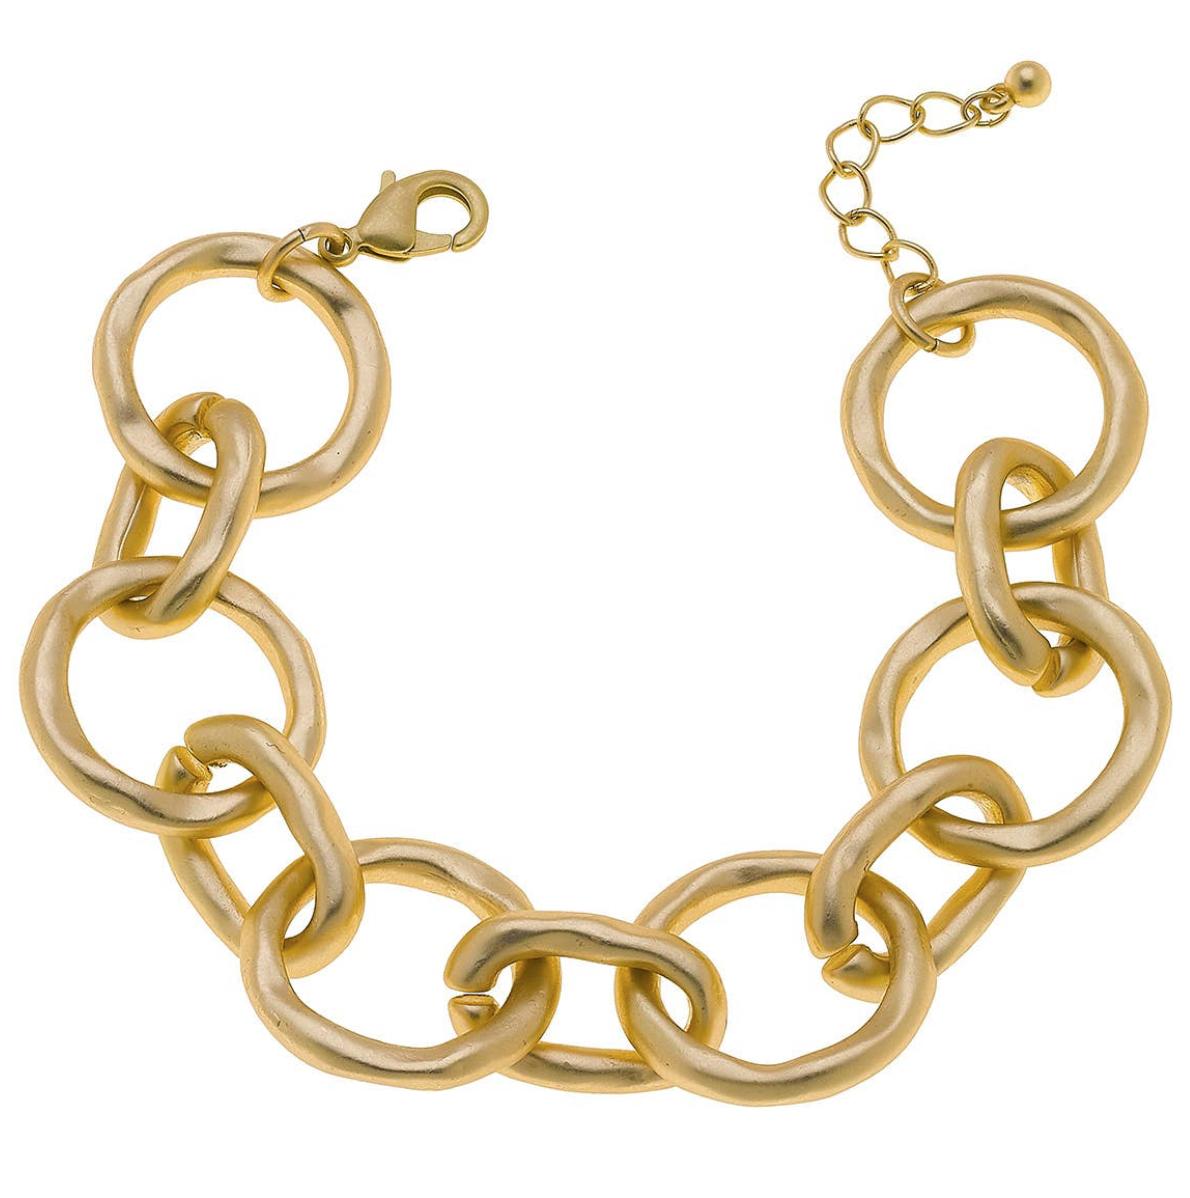 CV Circles & Ovals Bracelet 21880